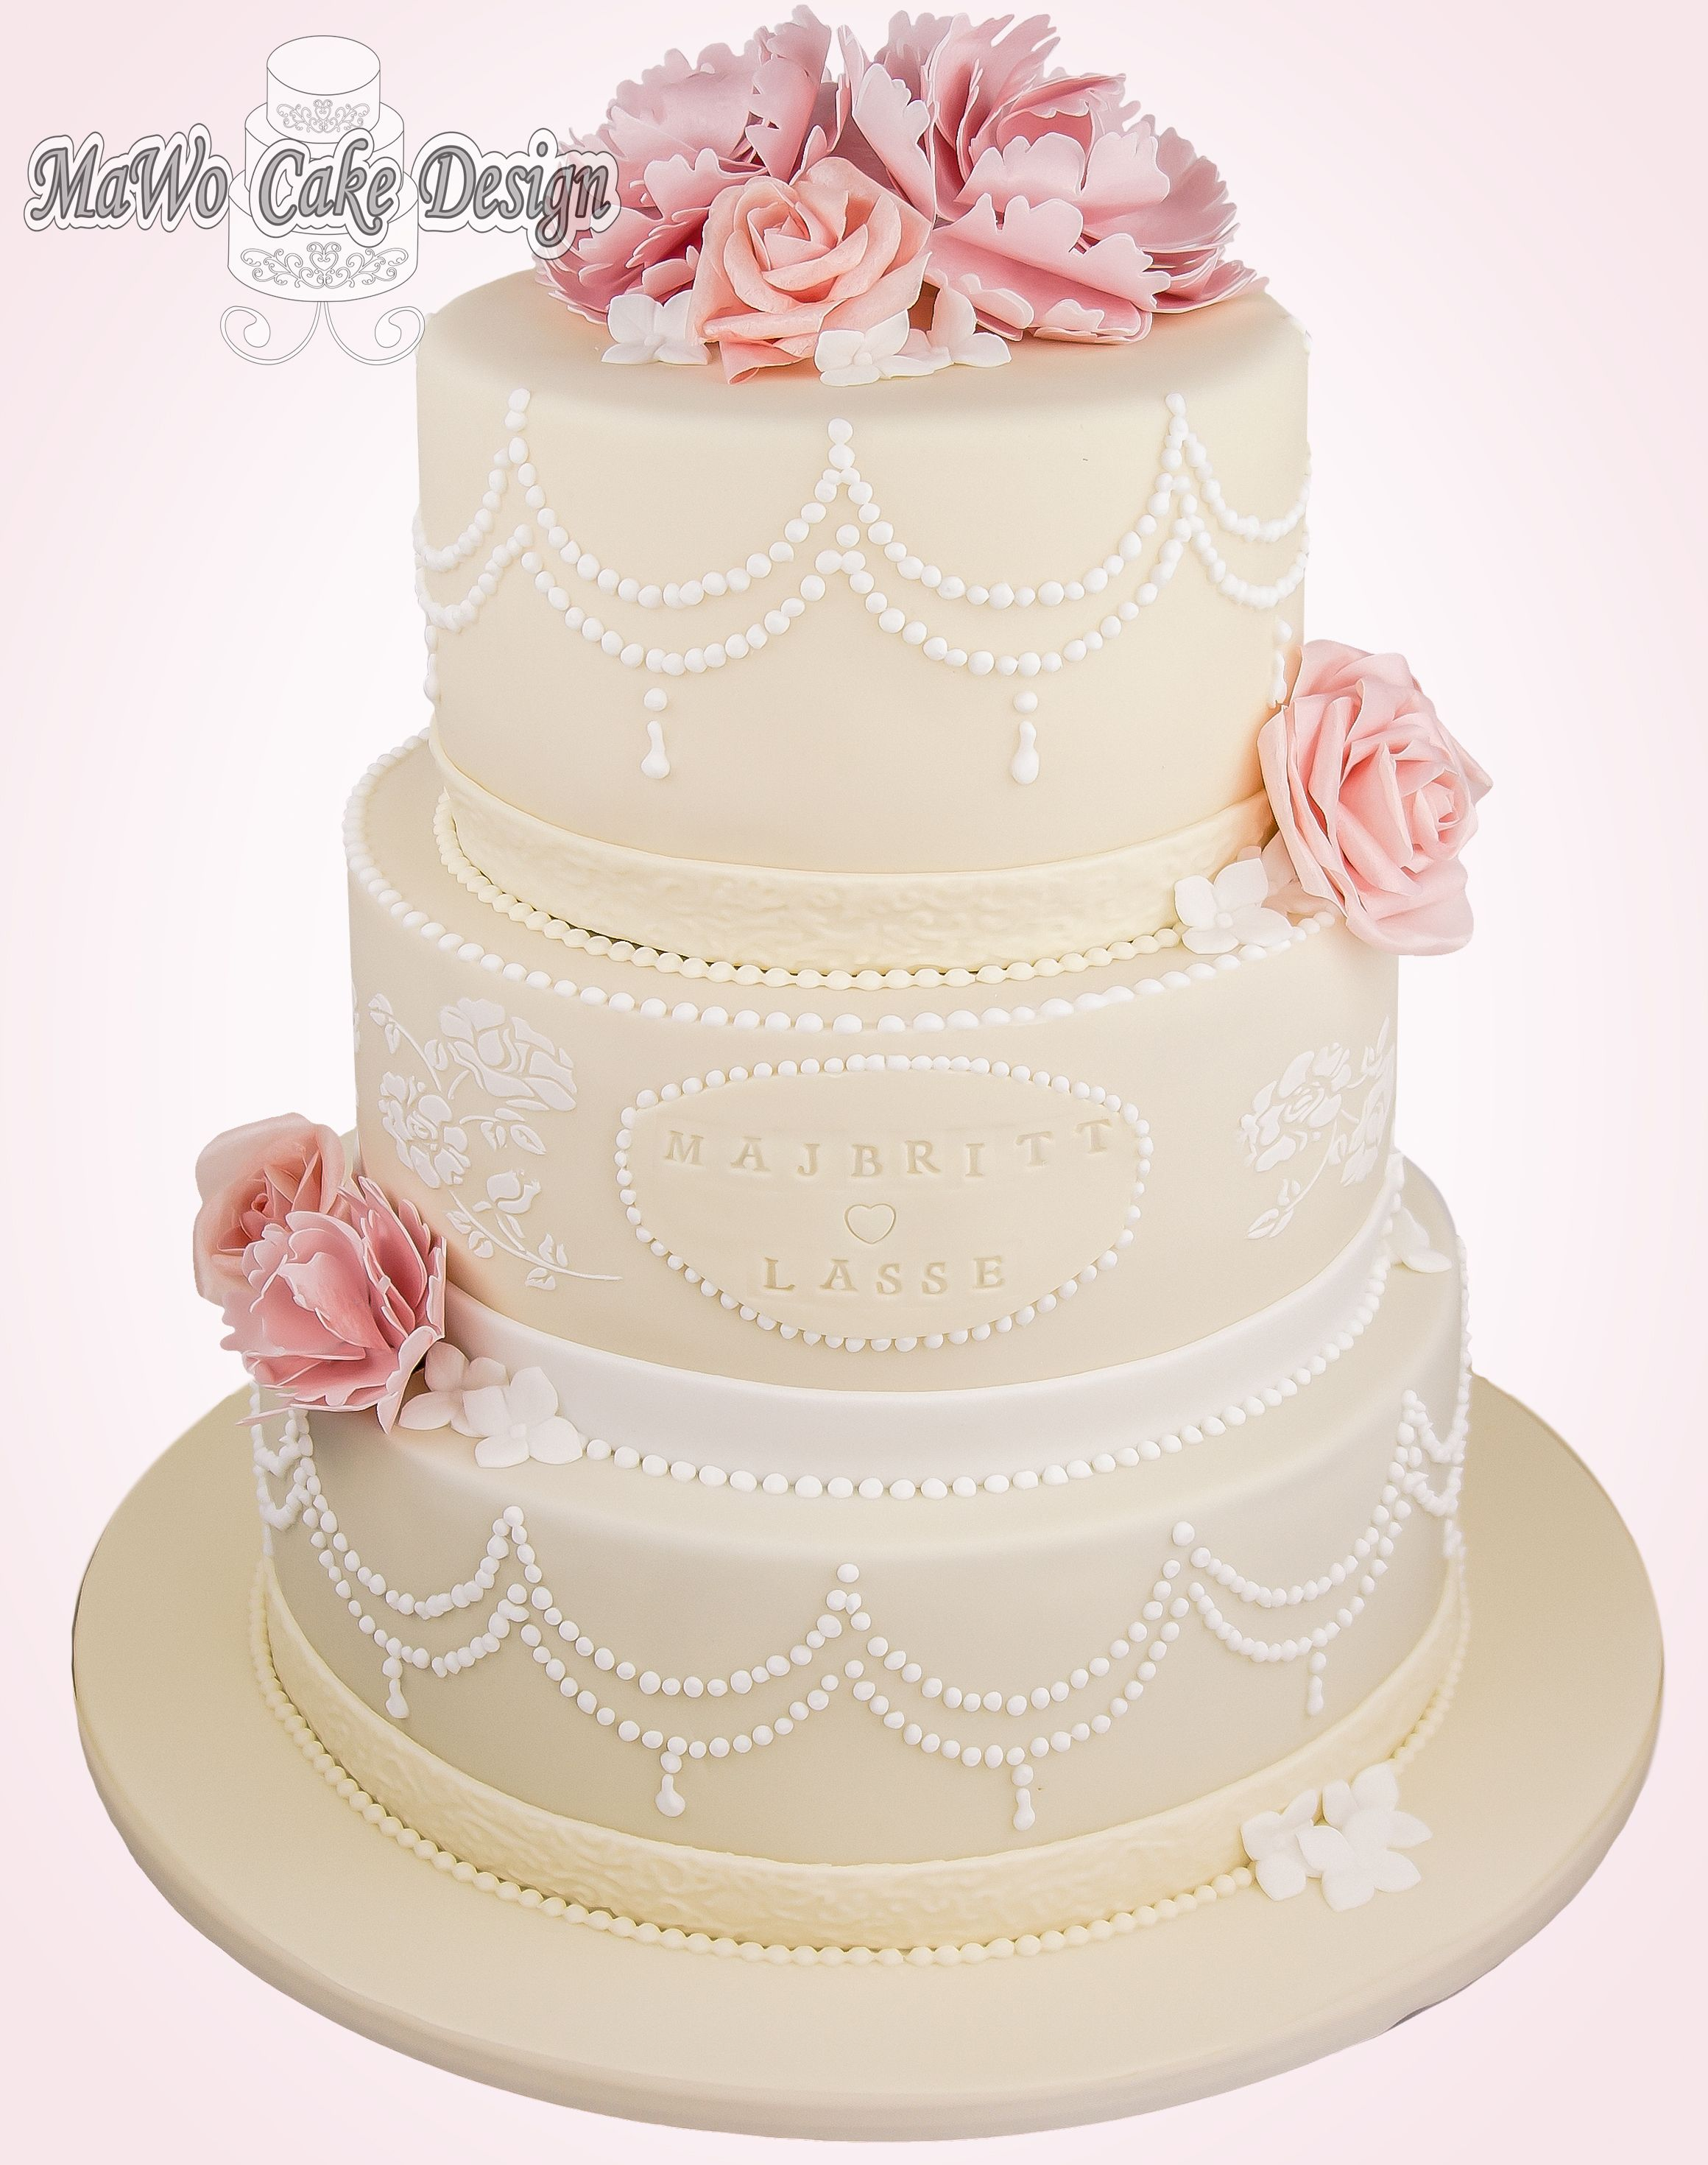 Pin von MaWo Cake Design auf Hochzeit in 2021